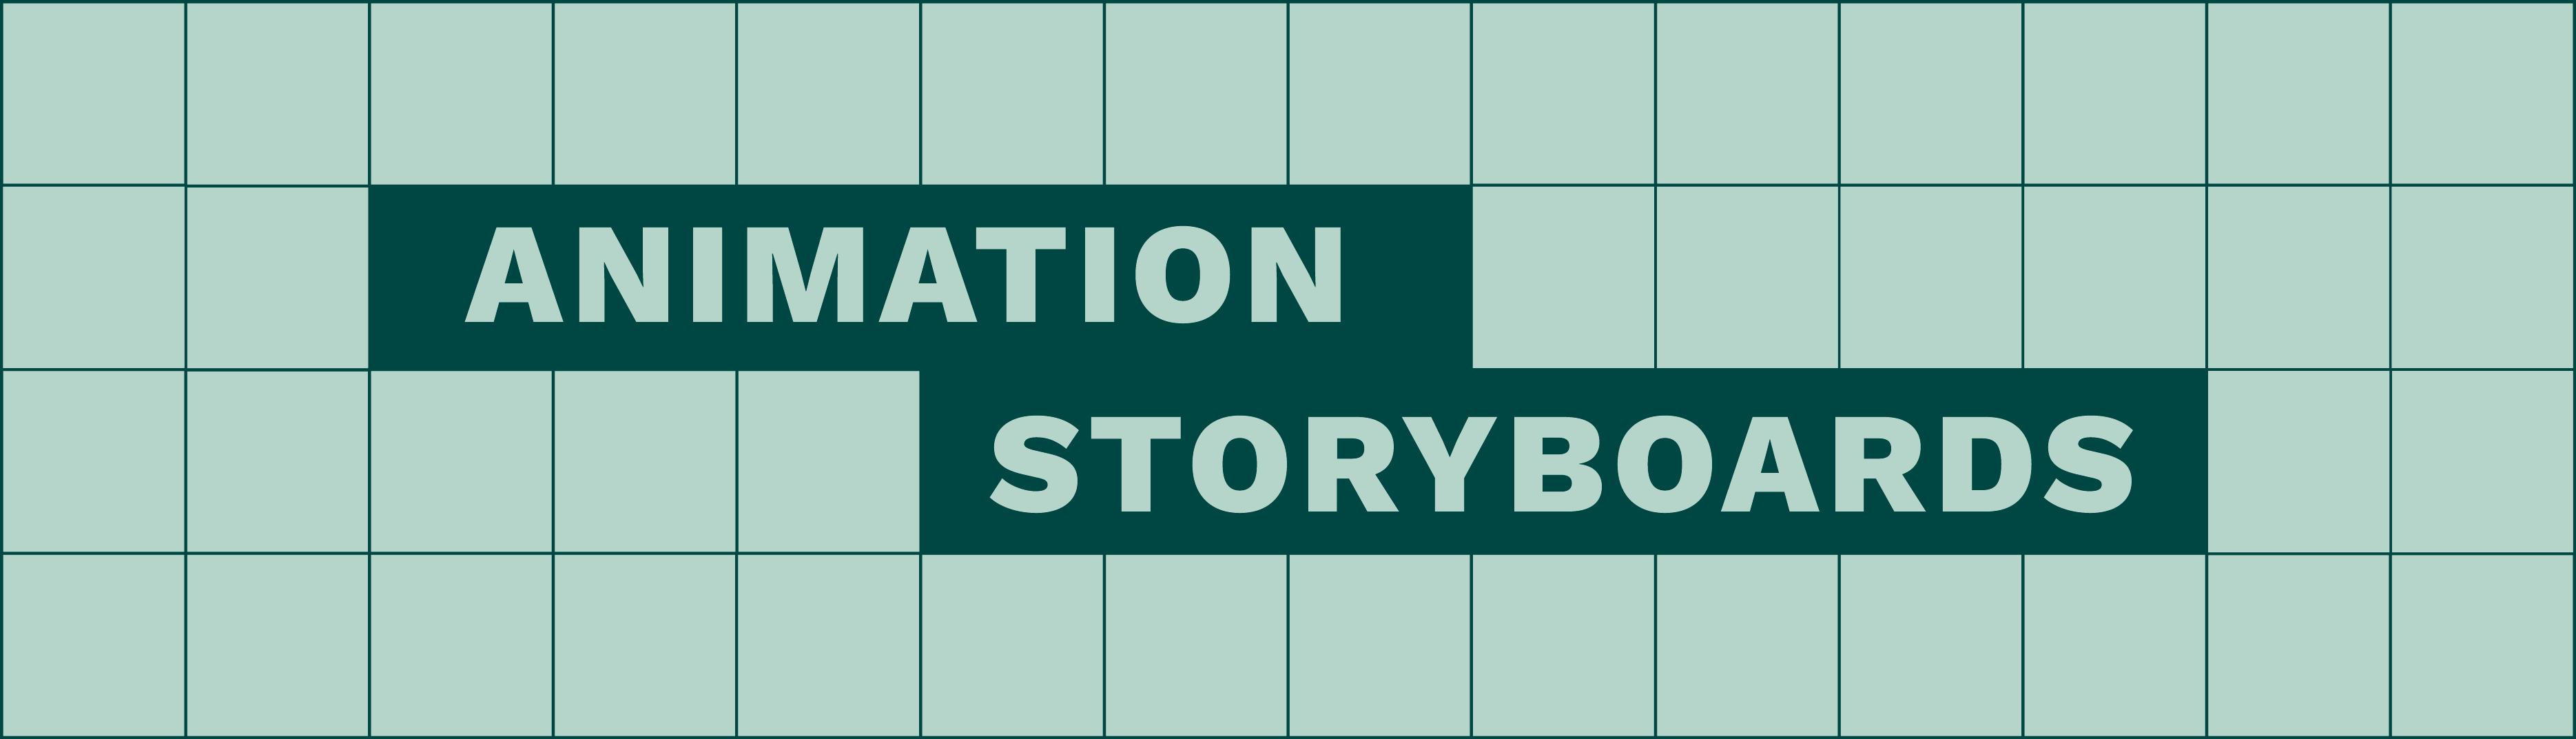 Animation storyboards